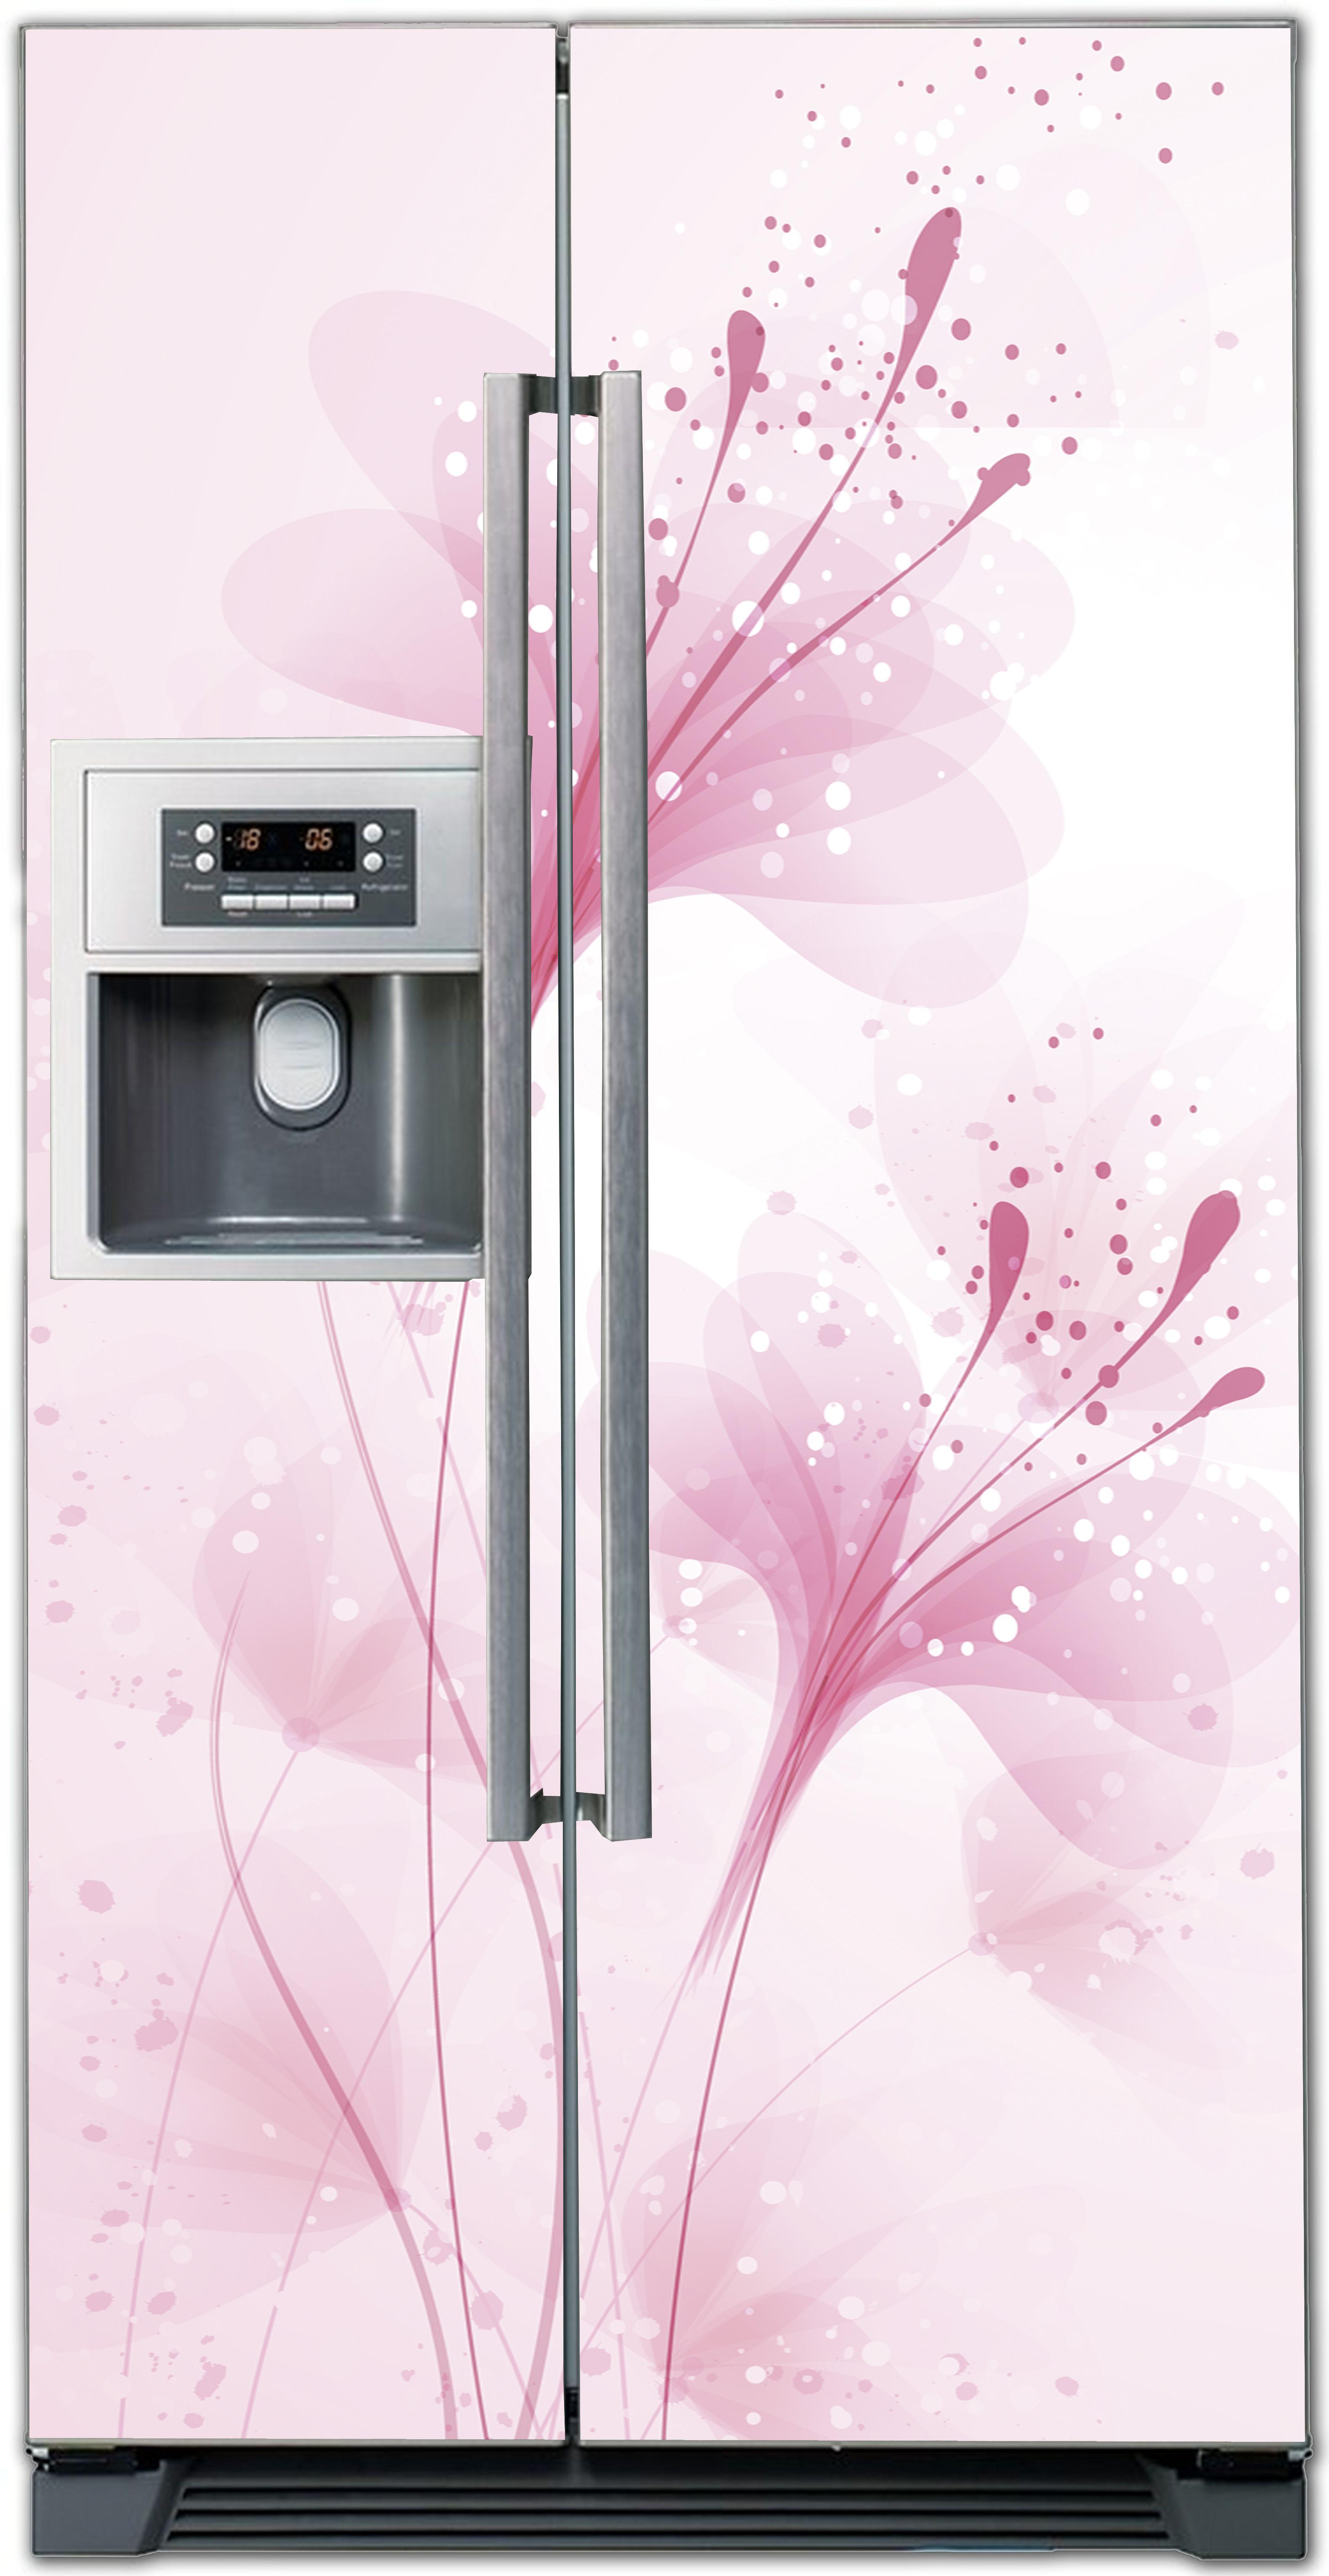 Виниловая наклейка на холодильник - Нежные цветы